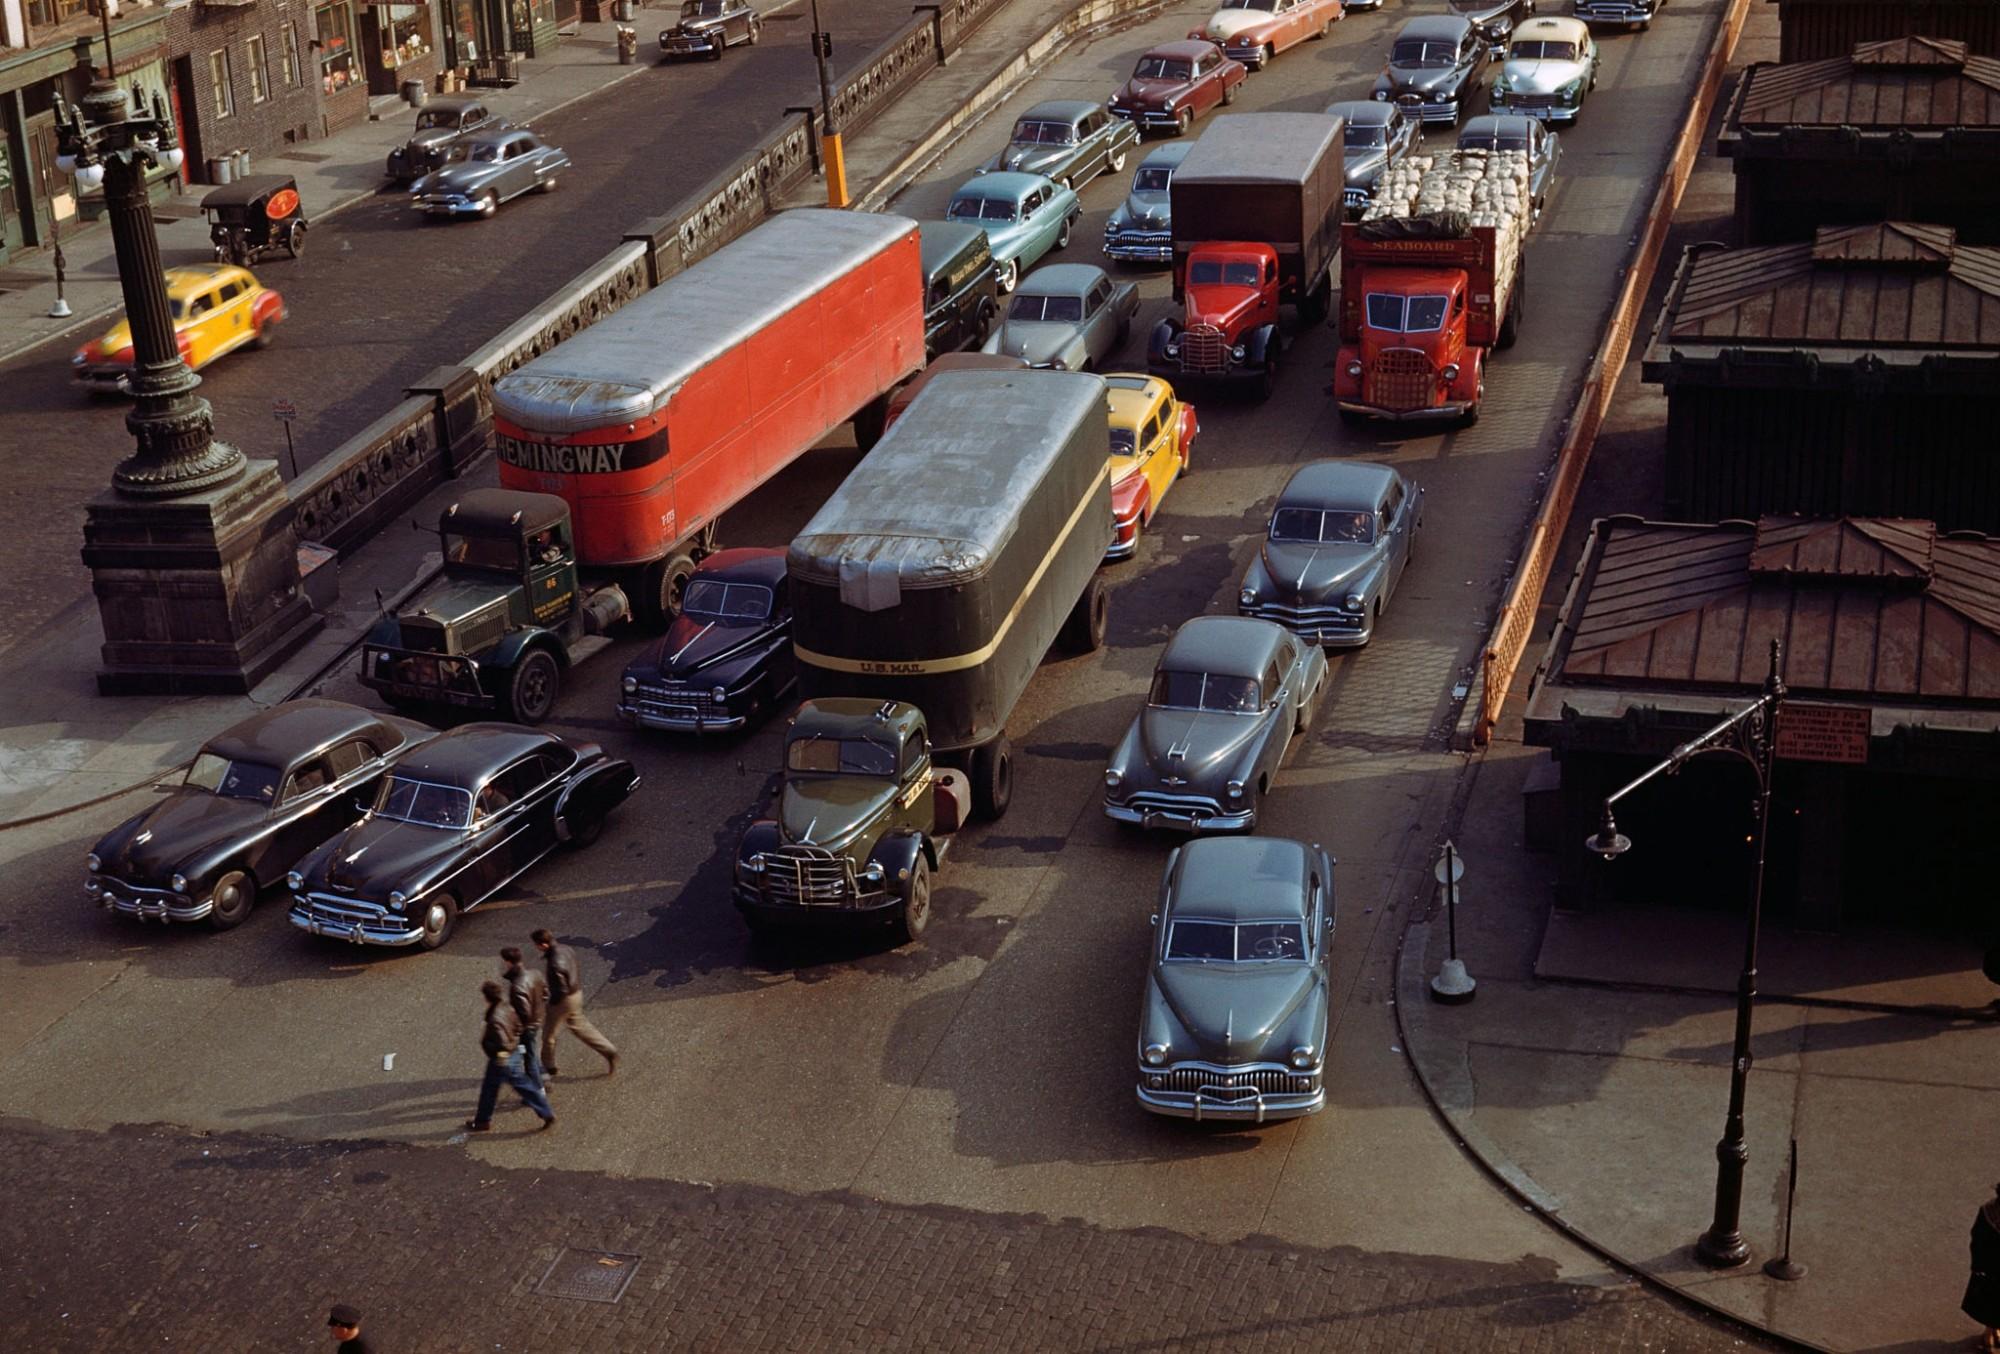 1950 Нью-Йорк, съезд с моста Куинсборо на Манхэттен